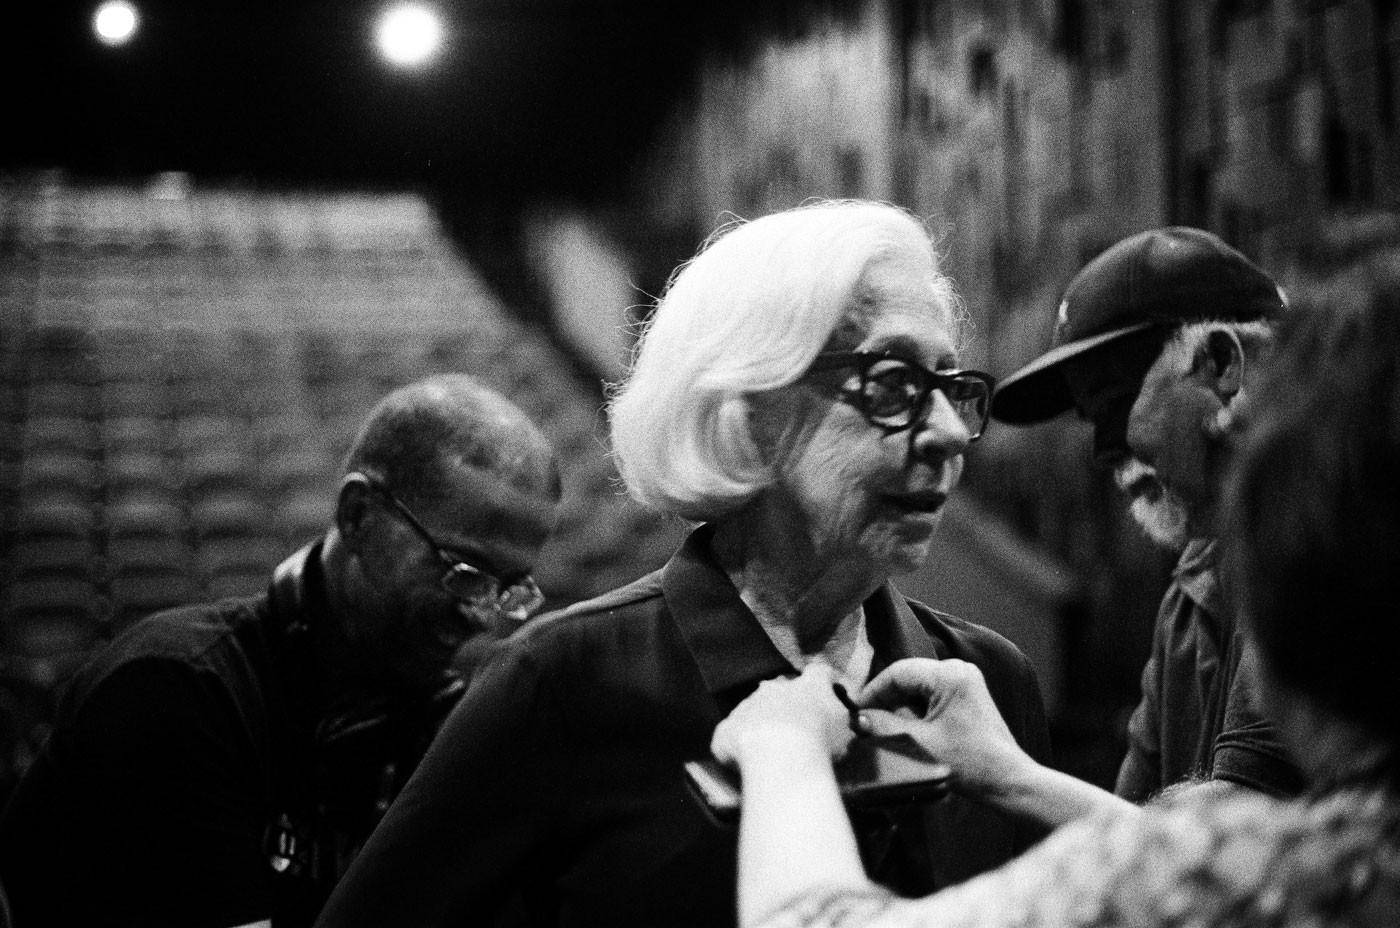 'A insegurança te alimenta', diz Fernanda Montenegro sobre atuar no teatro - Notícias - Plantão Diário